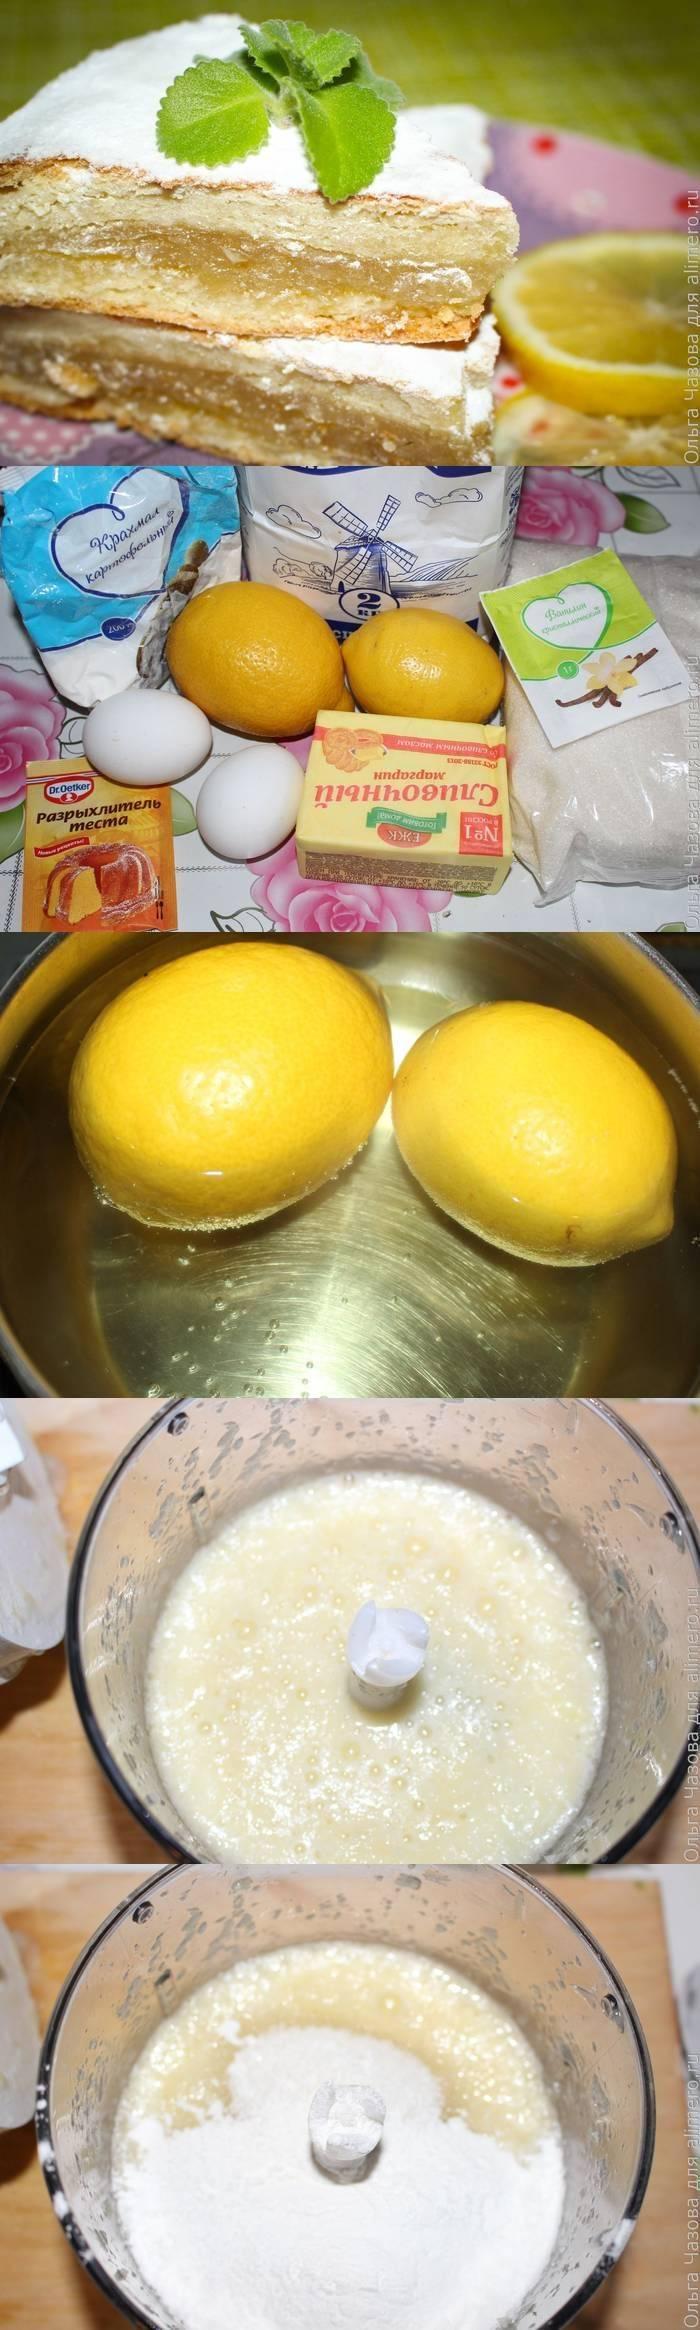 Лимонный пирог - рецепт с фото пошагово